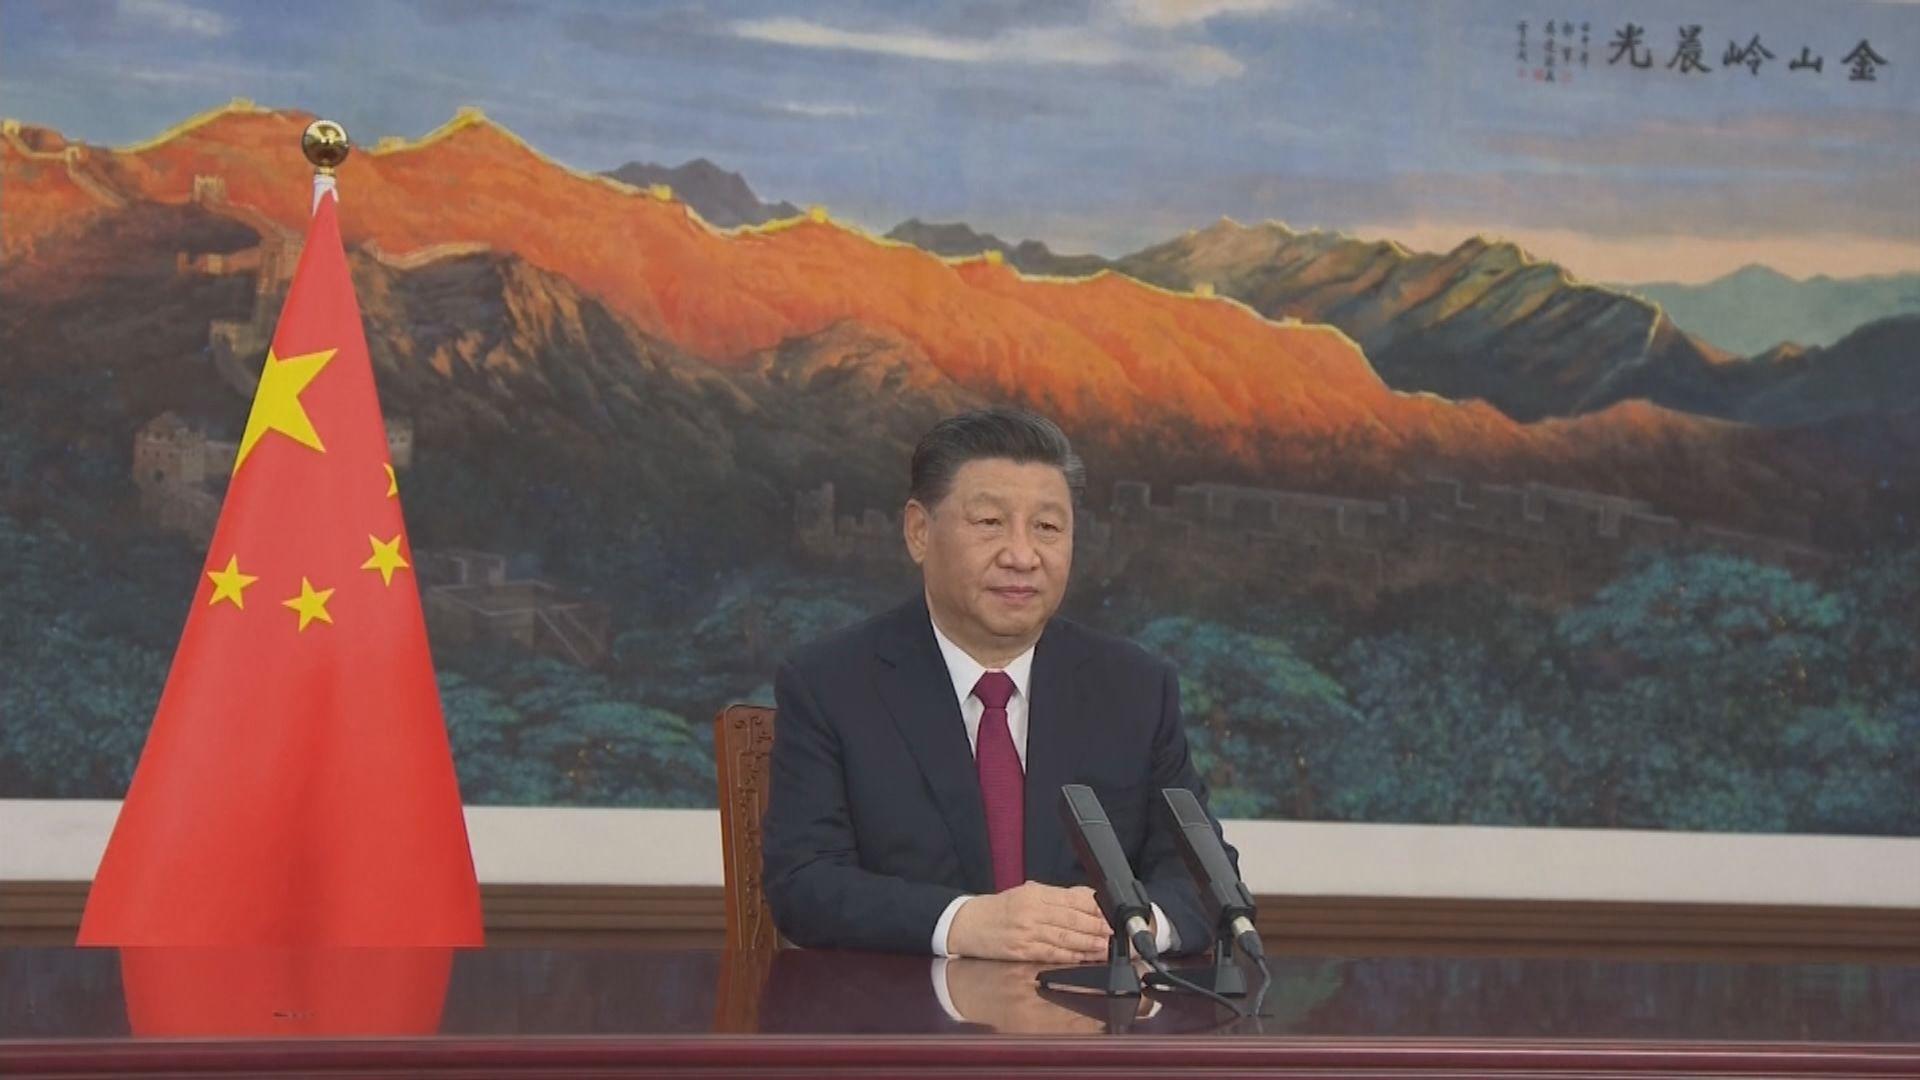 國家主席習近平祝賀天問一號成功著陸 促再接再厲